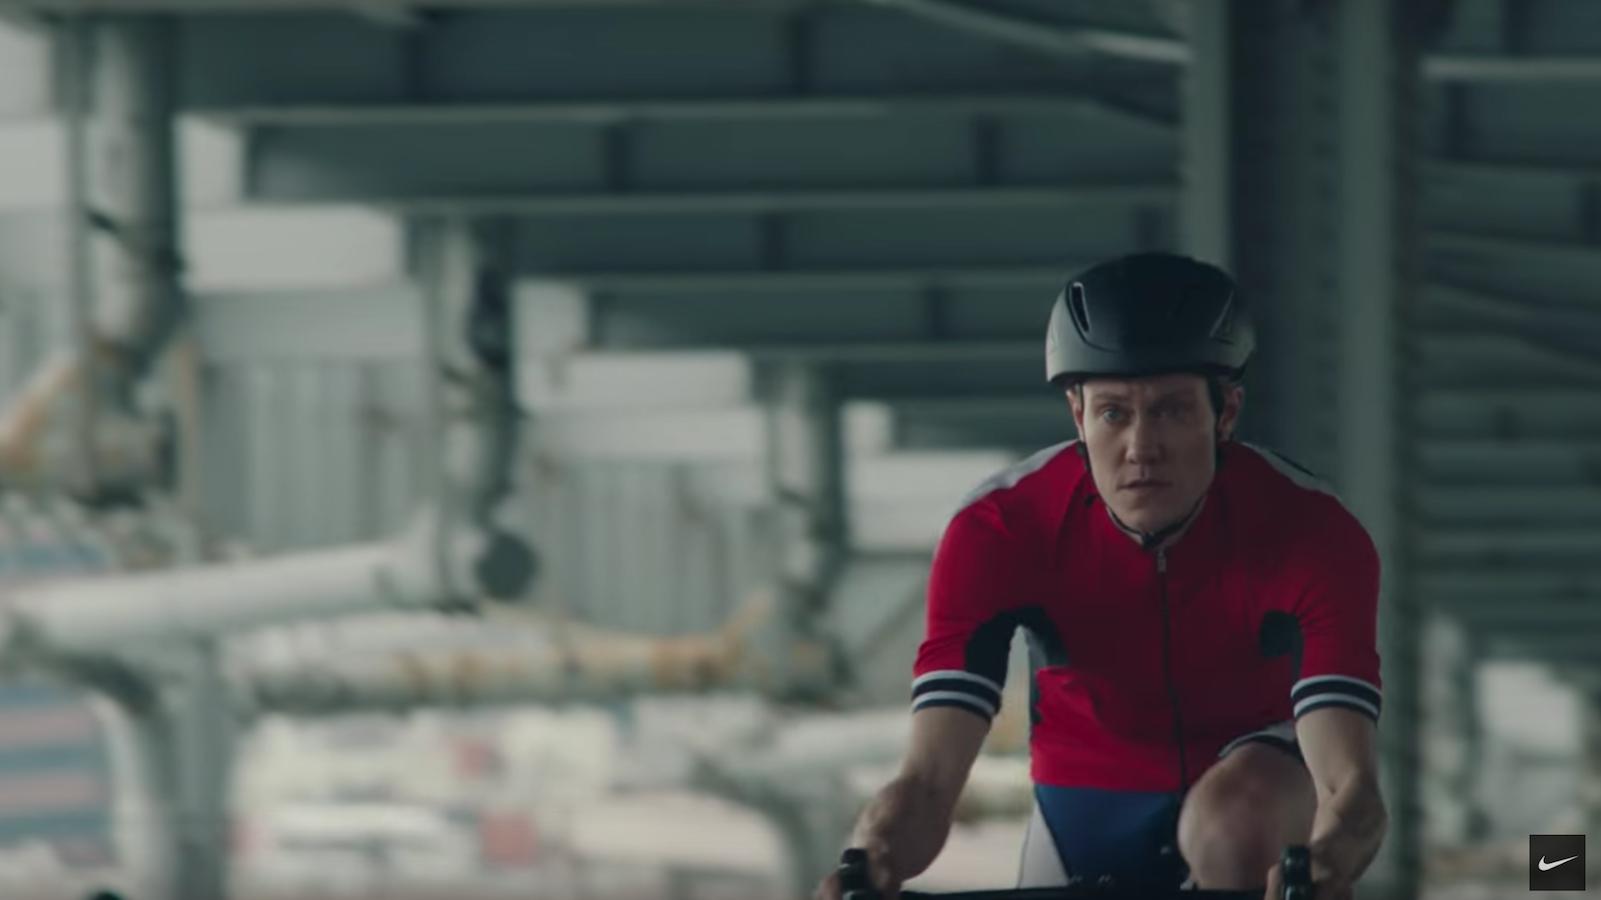 Nike ad starring transgender athlete Chris Mosier